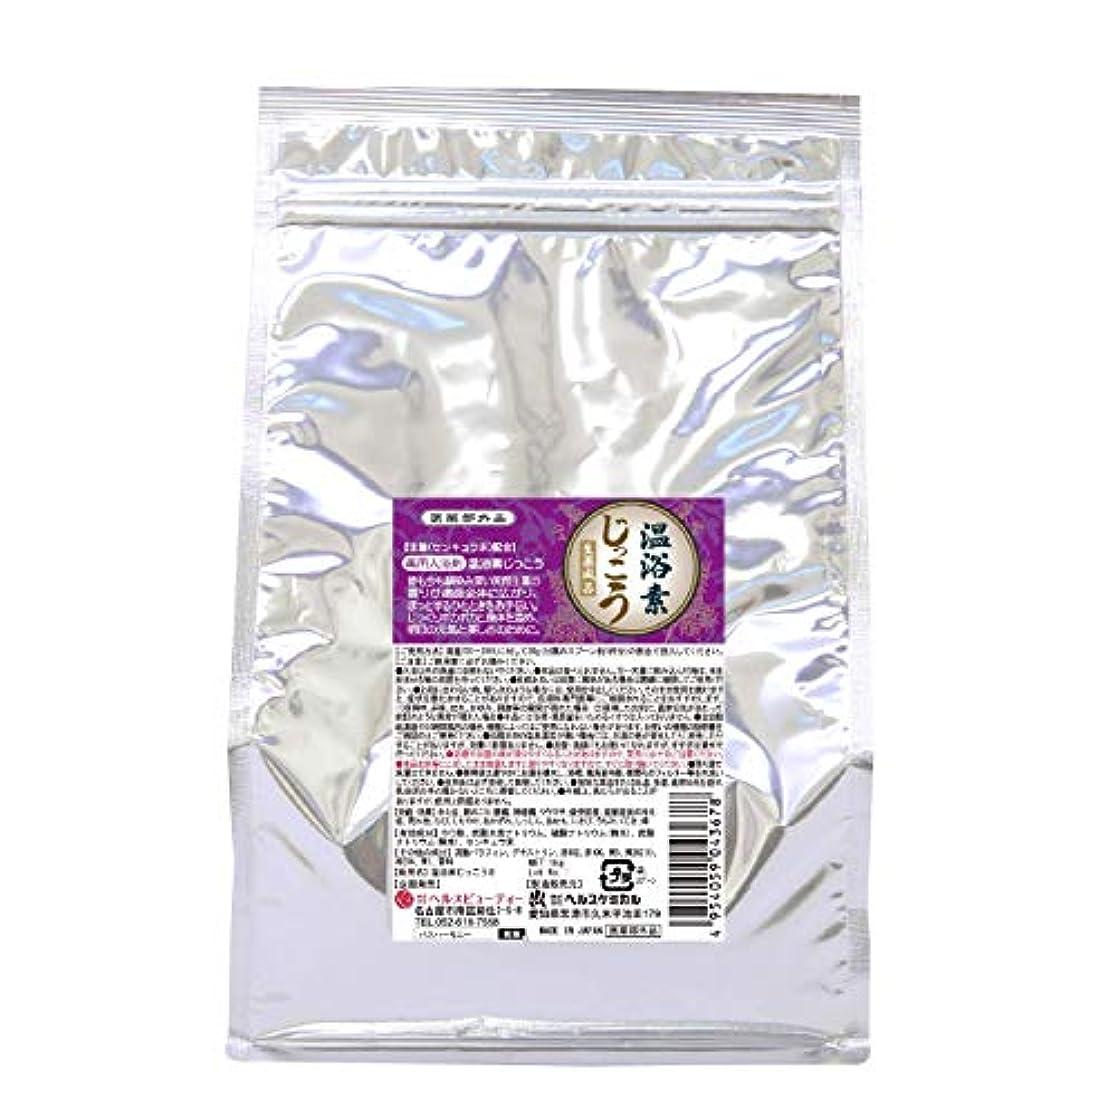 早く系譜ジョリー入浴剤 湯匠仕込 温浴素じっこう 生薬 薬湯 1kg 50回分 お徳用 医薬部外品